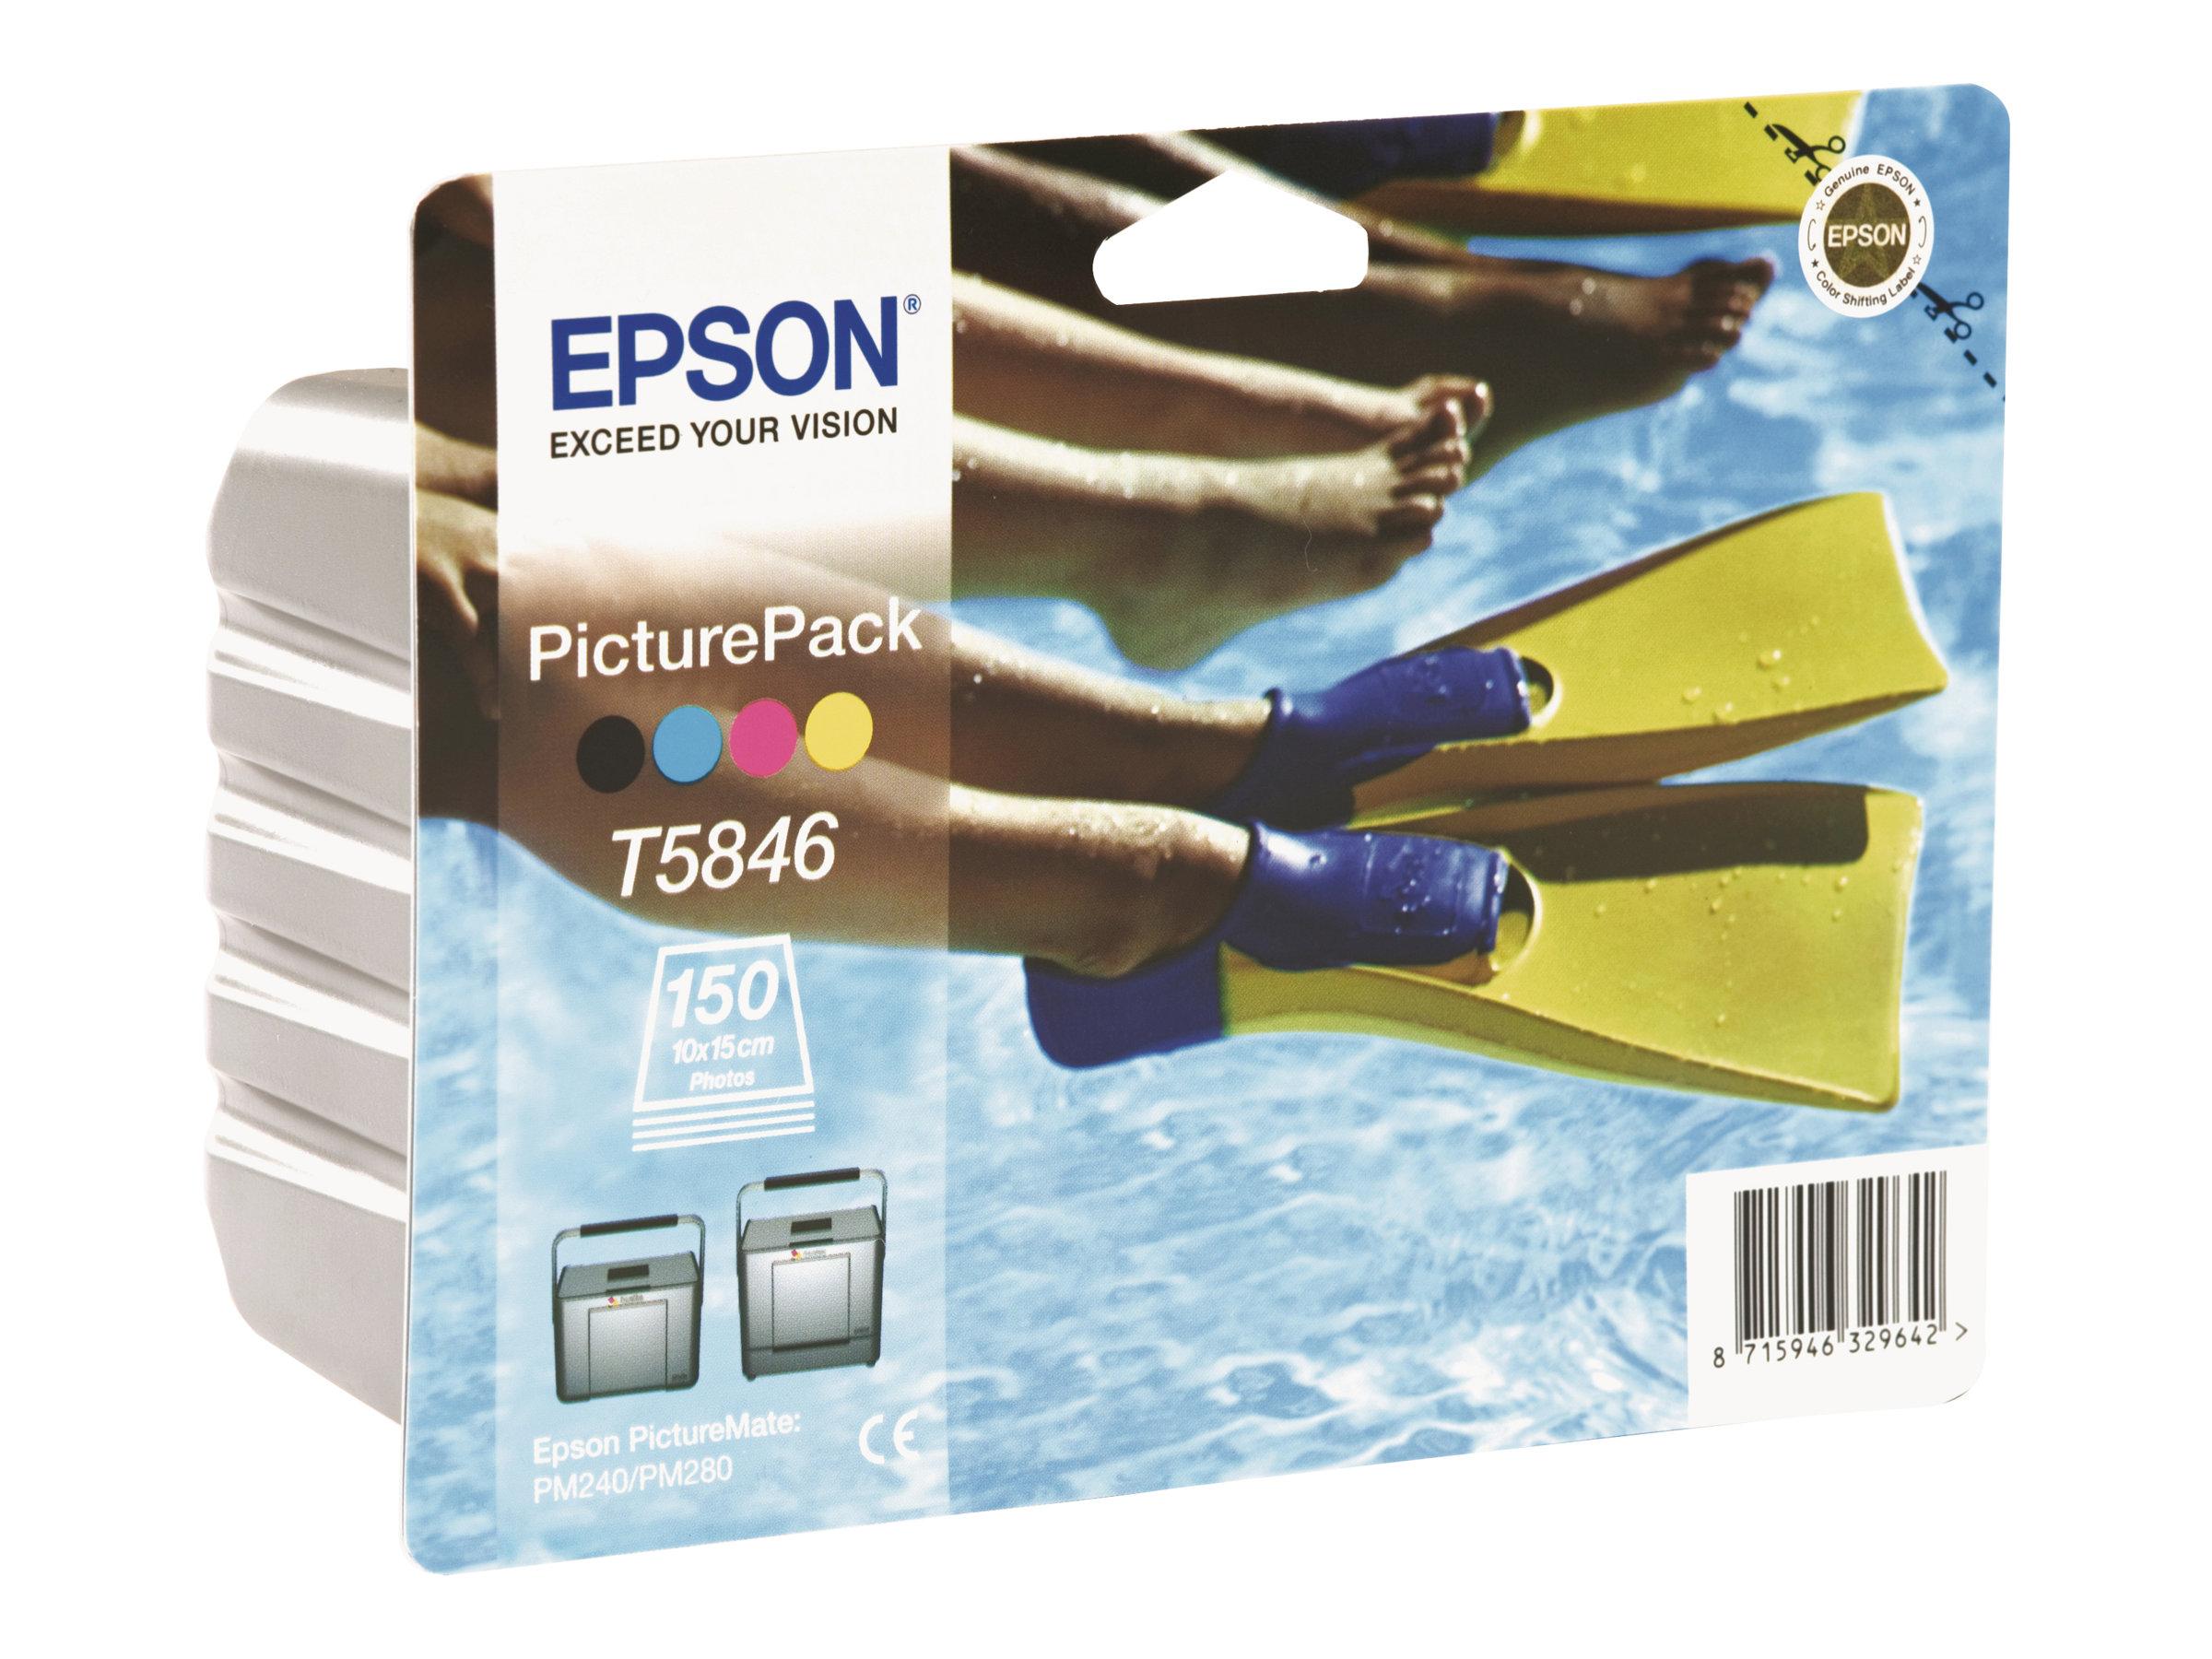 Epson PicturePack T5846 - 1 - Farbe (Cyan, Magenta, Gelb, Schwarz) - Blisterverpackung - Druckpatrone / Papiersatz - für Picture